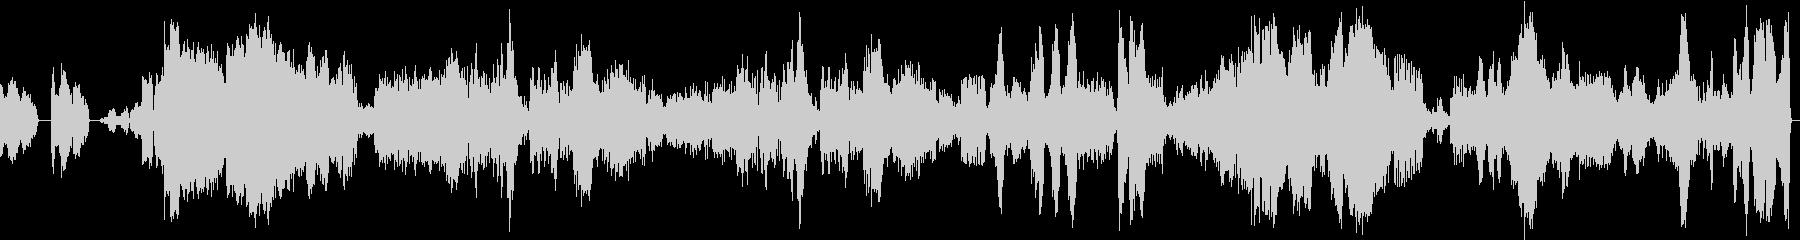 セルゲイ・ラフマニノフのカバーの未再生の波形